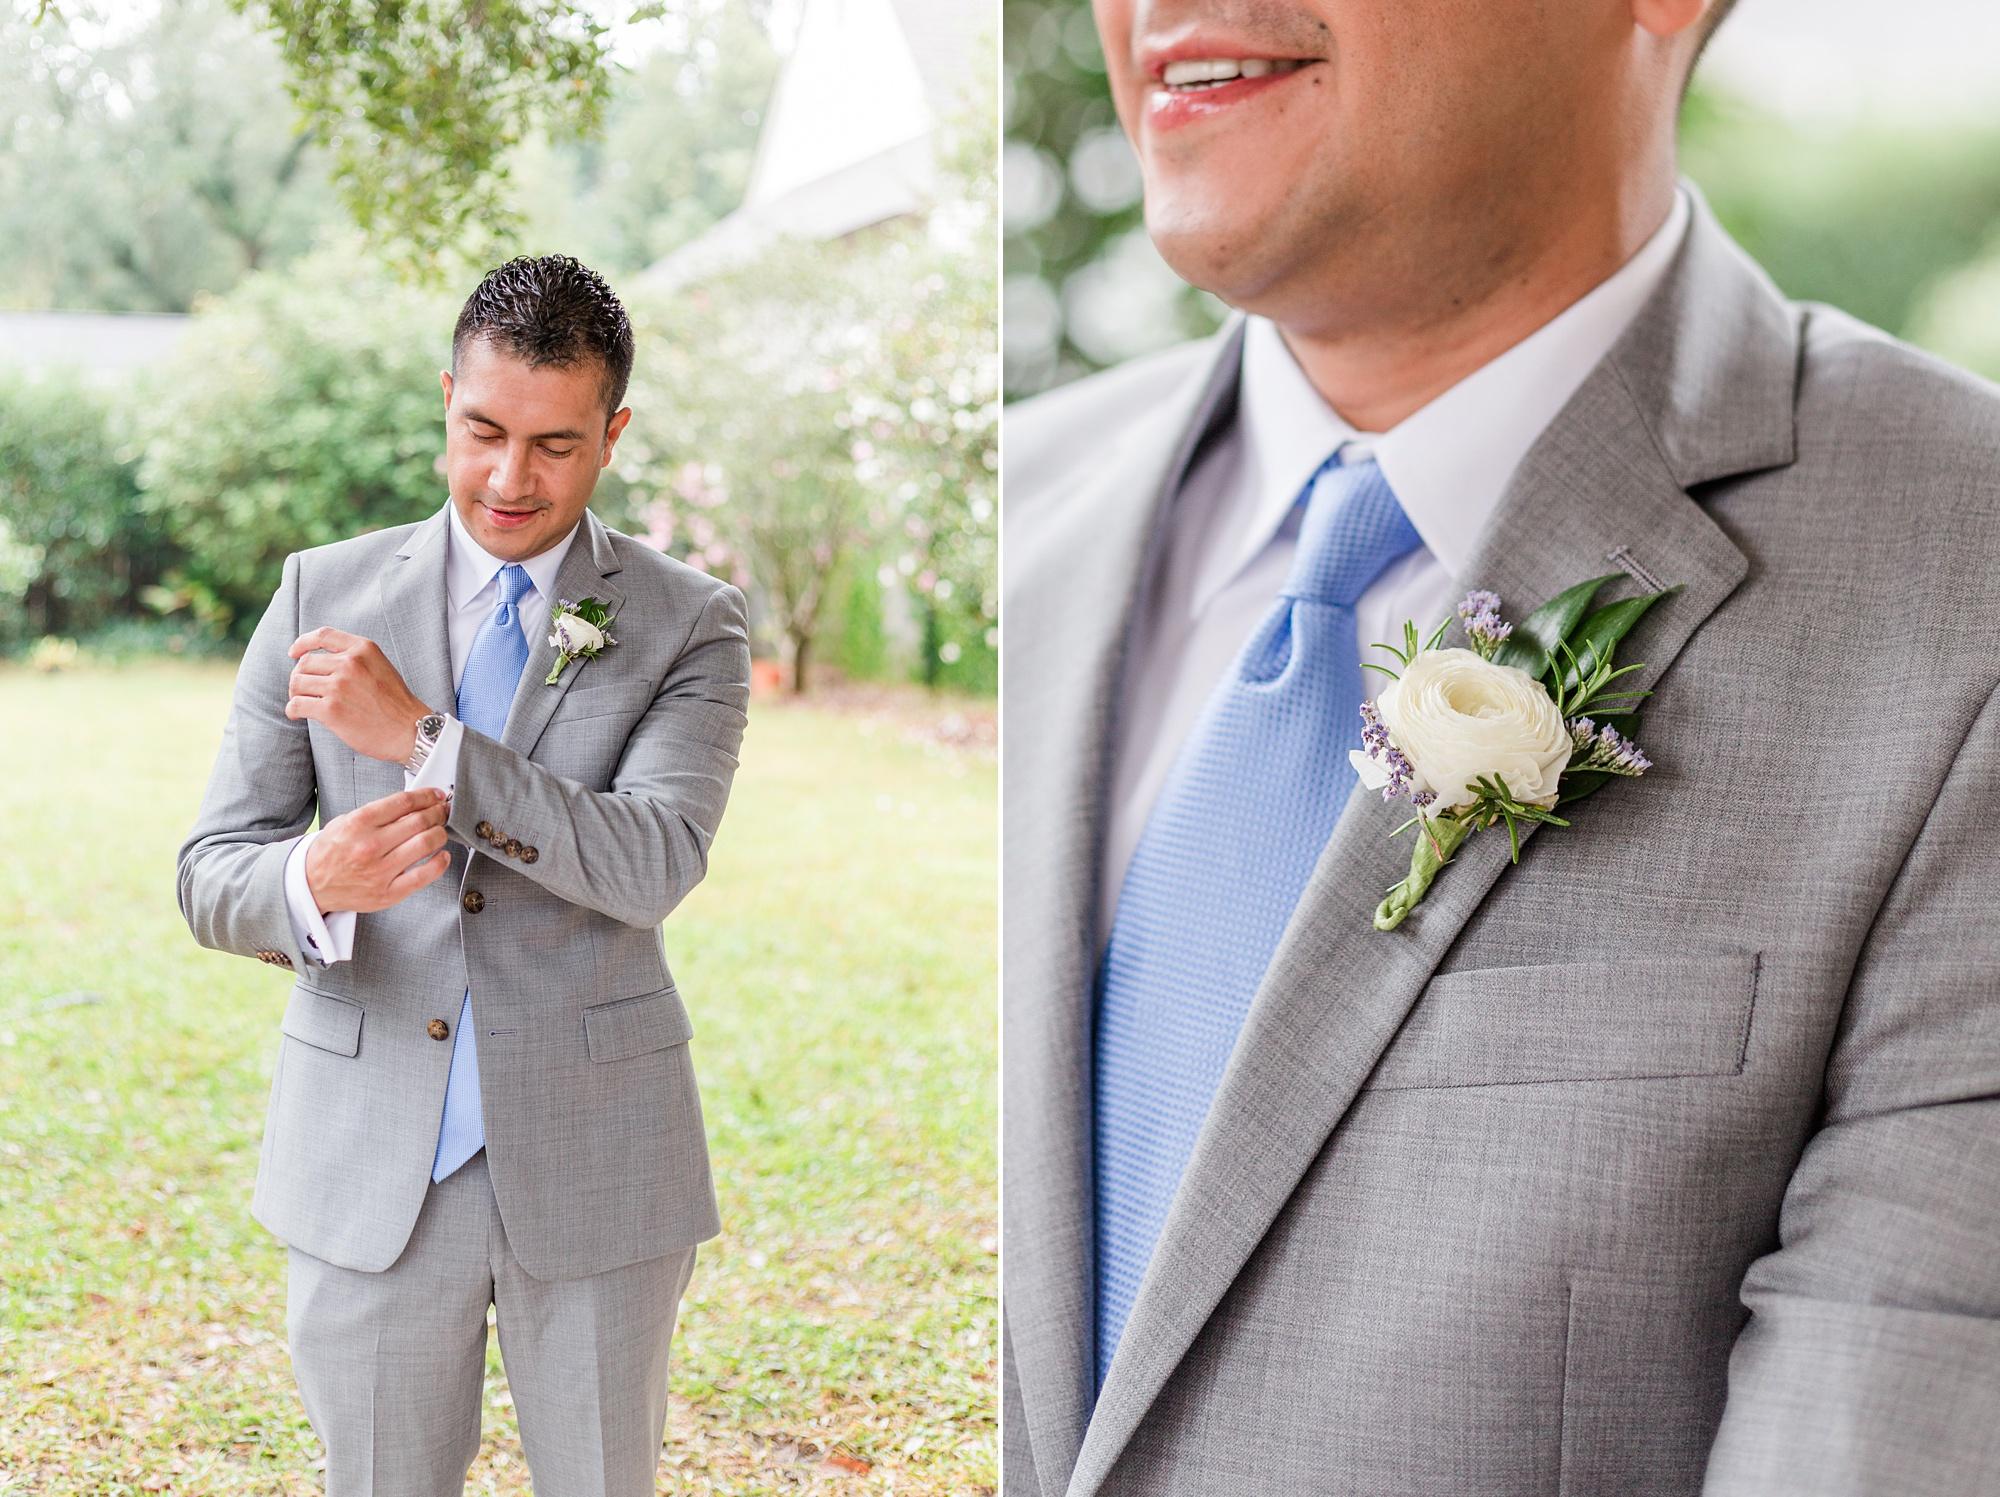 groom in grey suit with blue tie